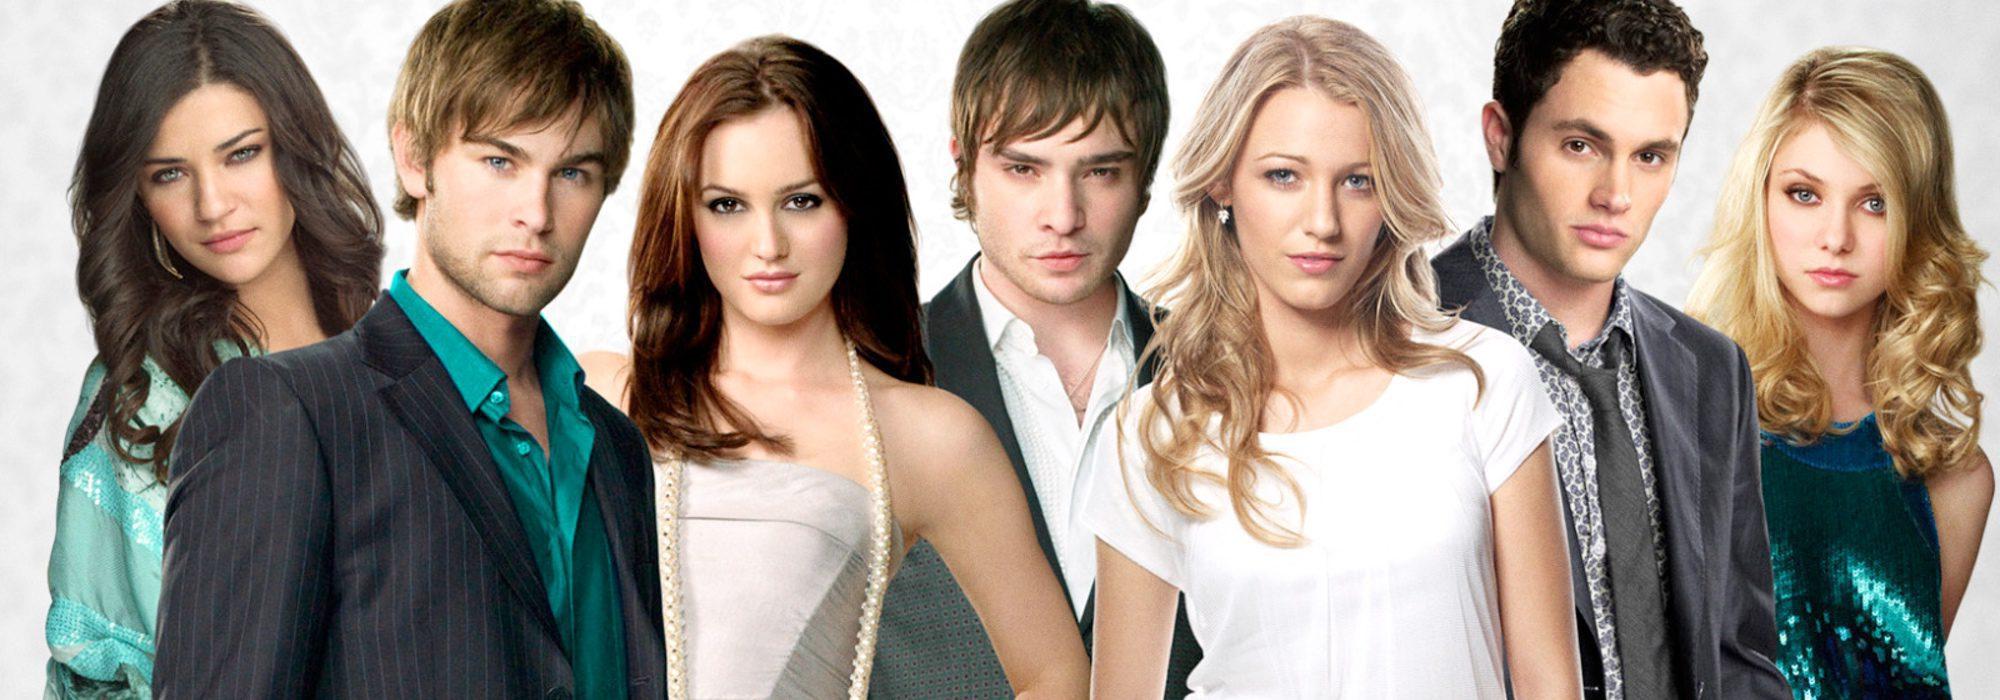 13 estrellas que sorprendentemente aparecieron en \'Gossip Girl\'